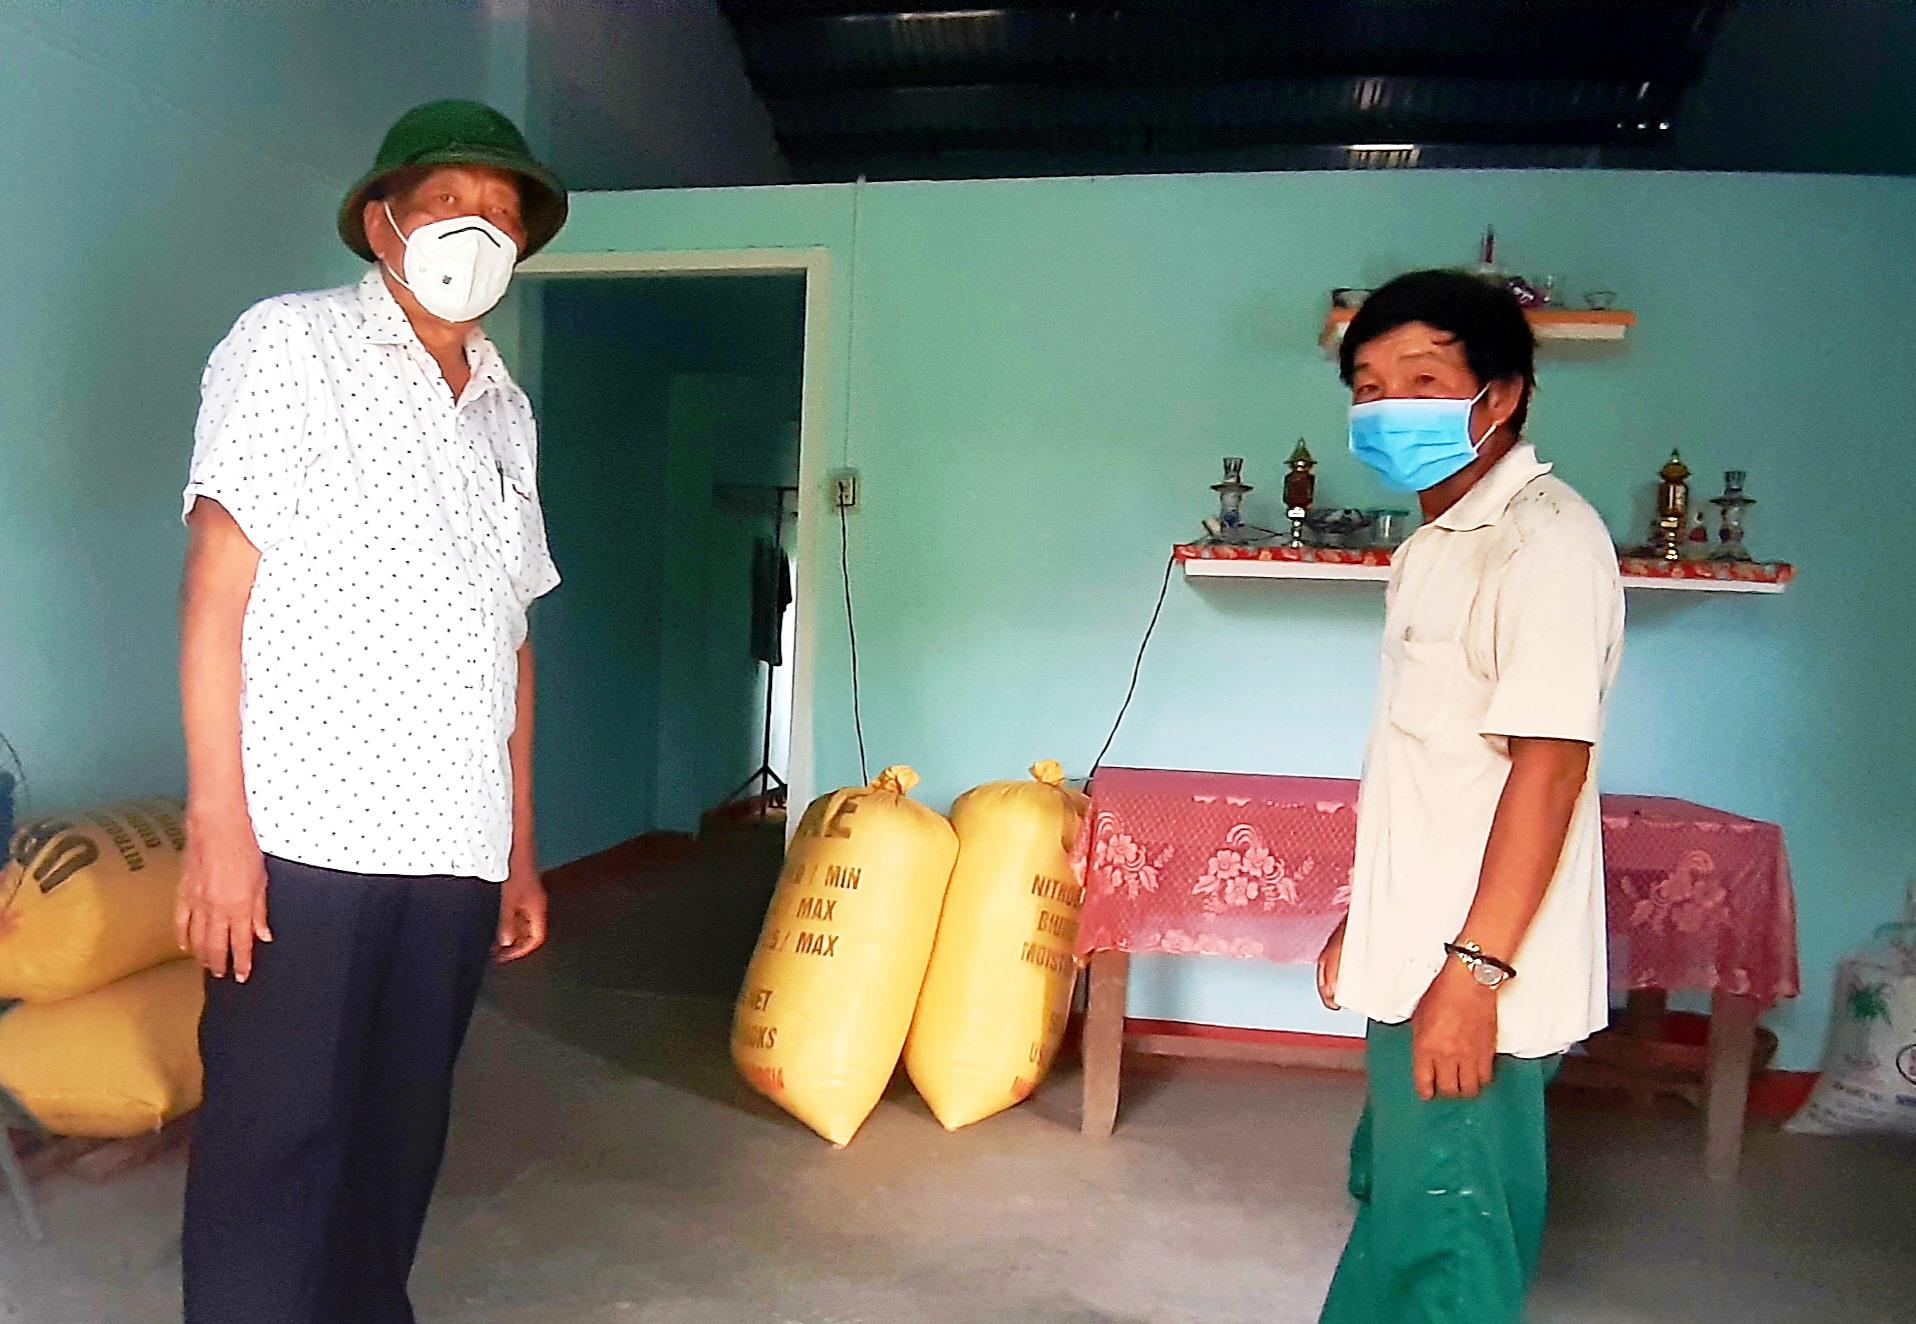 Ngôi nhà của bà Nguyễn Thị Hỷ do ông Mai Năm hỗ trợ xây dựng.